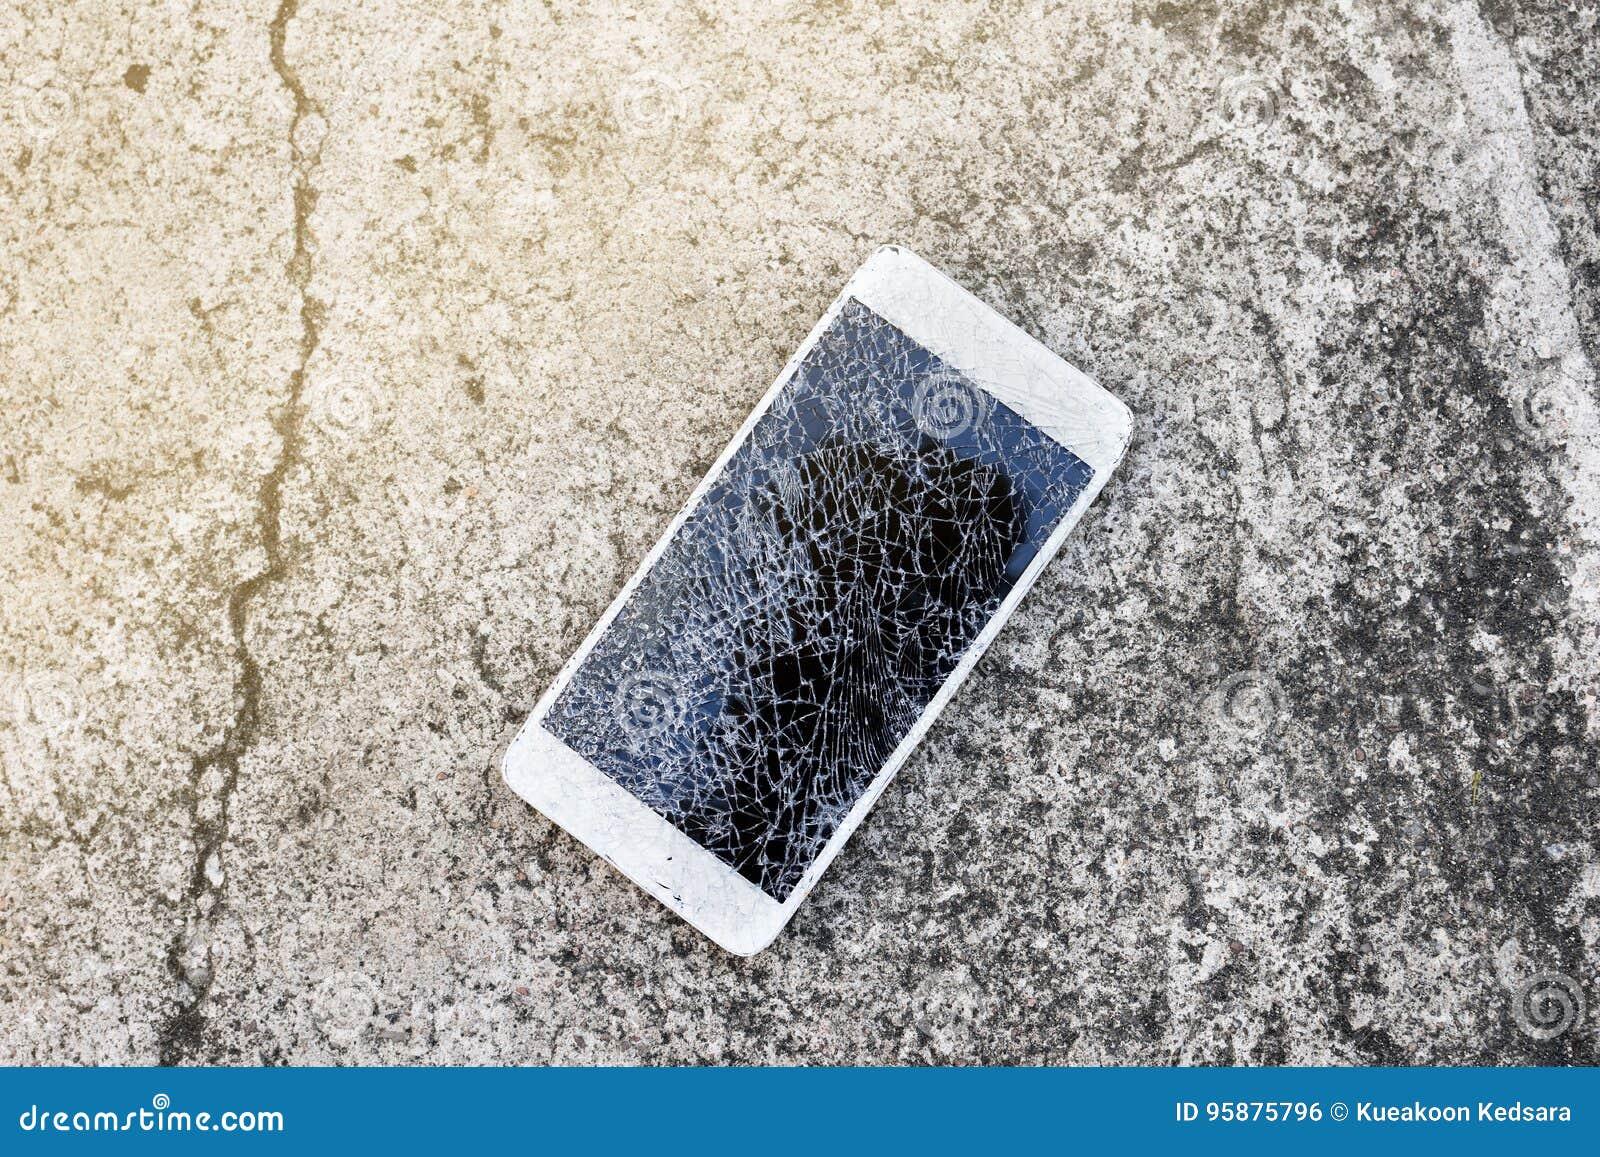 Broken mobile phone drop on cement floor